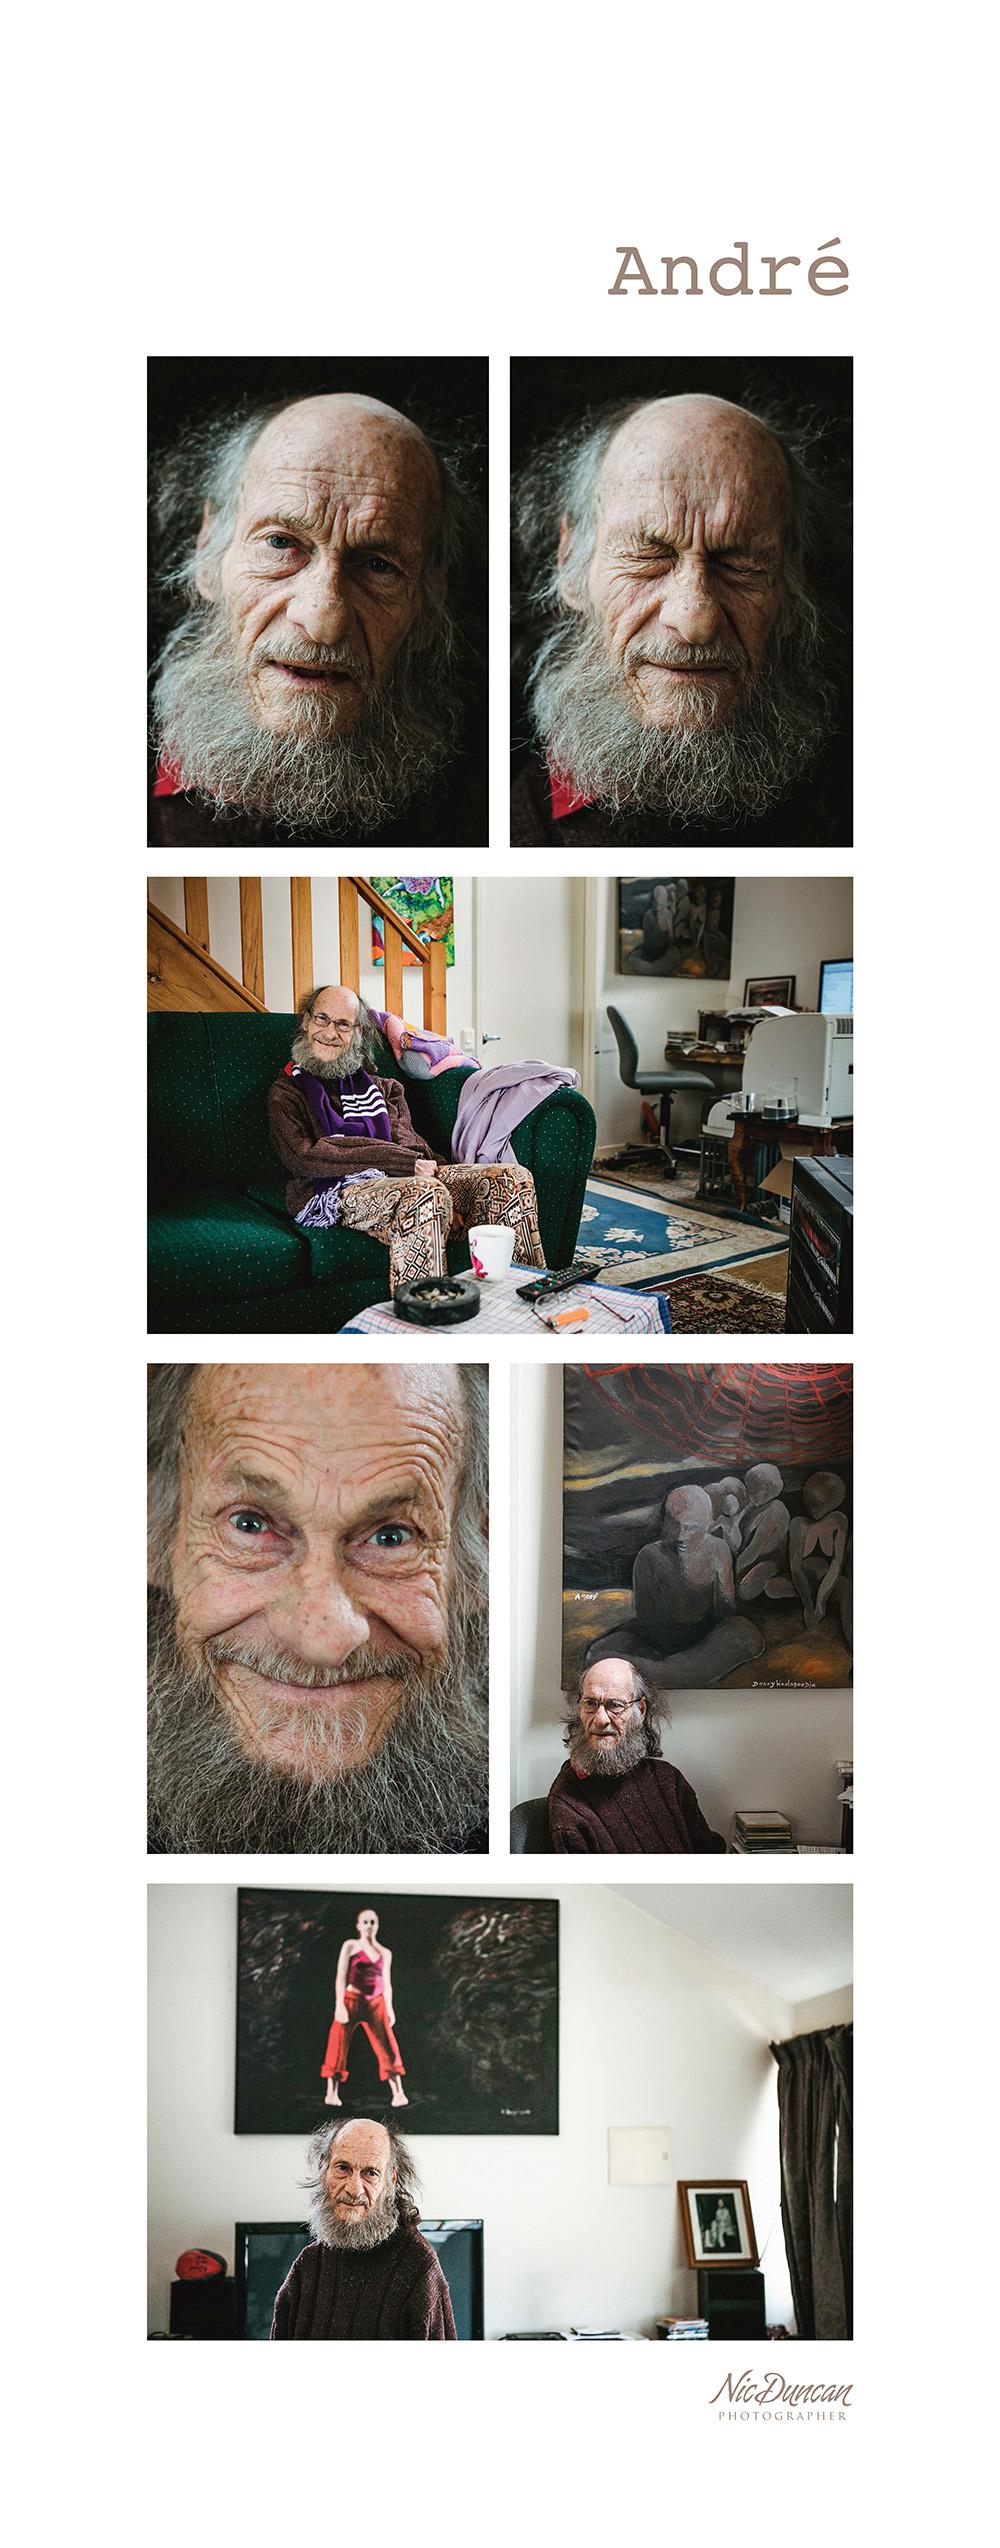 Denmark-Portraits-19.jpg